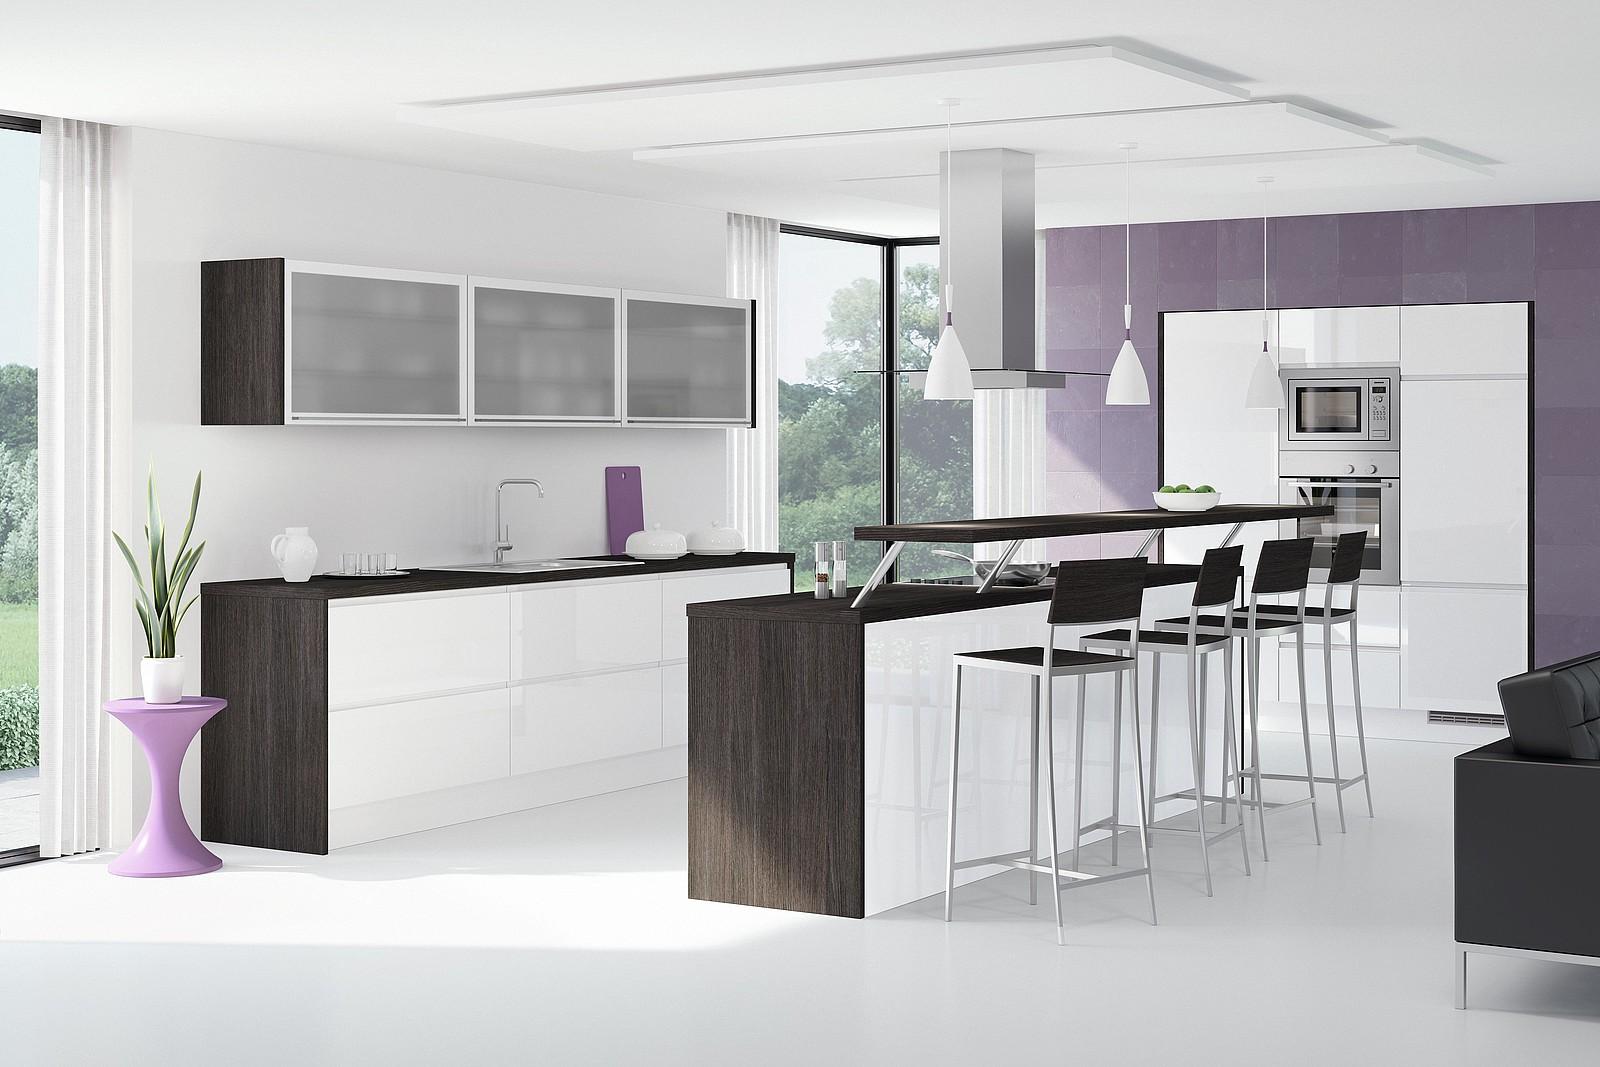 Full Size of Fenster Einbruchsicher Nachrüsten Einbruchschutz Zwangsbelüftung Sicherheitsbeschläge Wohnzimmer Küchentheke Nachrüsten